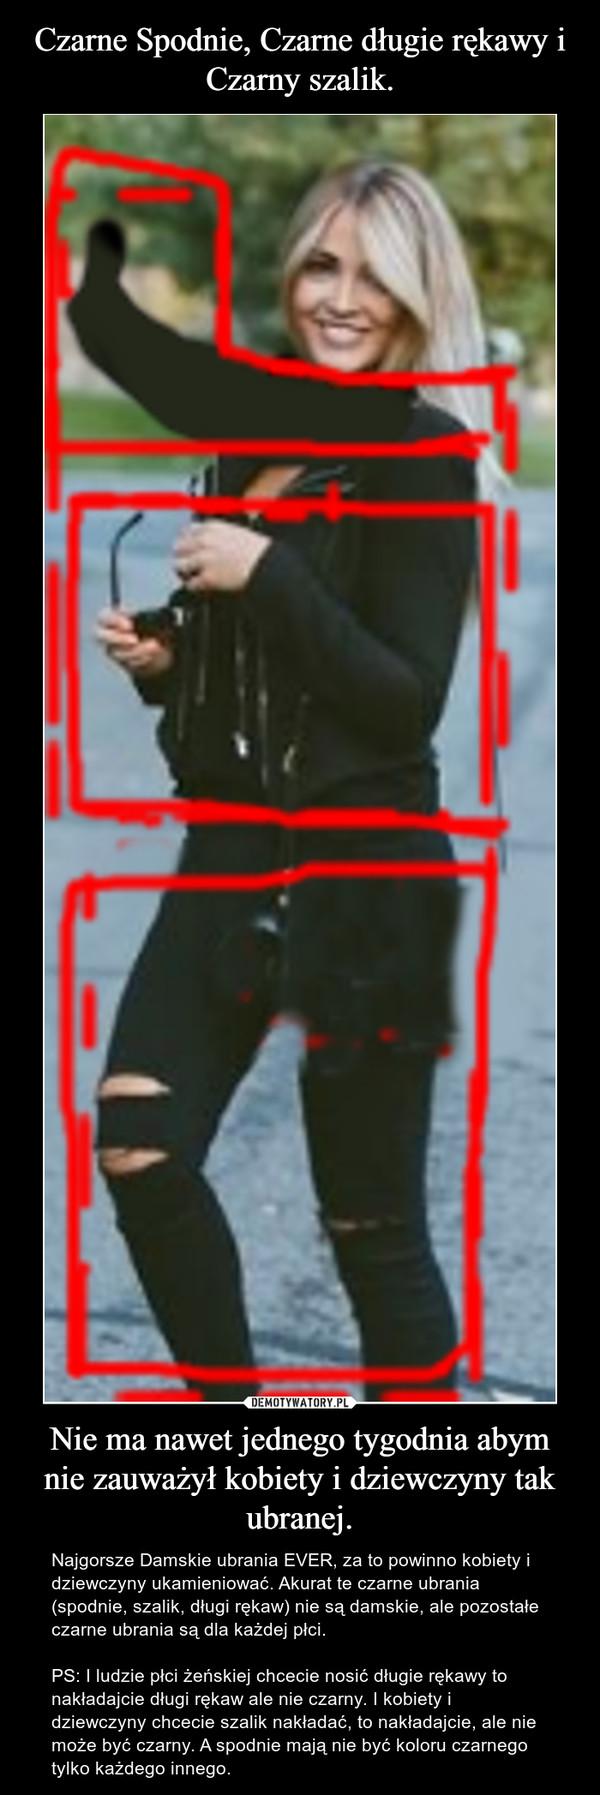 Nie ma nawet jednego tygodnia abym nie zauważył kobiety i dziewczyny tak ubranej. – Najgorsze Damskie ubrania EVER, za to powinno kobiety i dziewczyny ukamieniować. Akurat te czarne ubrania (spodnie, szalik, długi rękaw) nie są damskie, ale pozostałe czarne ubrania są dla każdej płci.PS: I ludzie płci żeńskiej chcecie nosić długie rękawy to nakładajcie długi rękaw ale nie czarny. I kobiety i dziewczyny chcecie szalik nakładać, to nakładajcie, ale nie może być czarny. A spodnie mają nie być koloru czarnego tylko każdego innego.